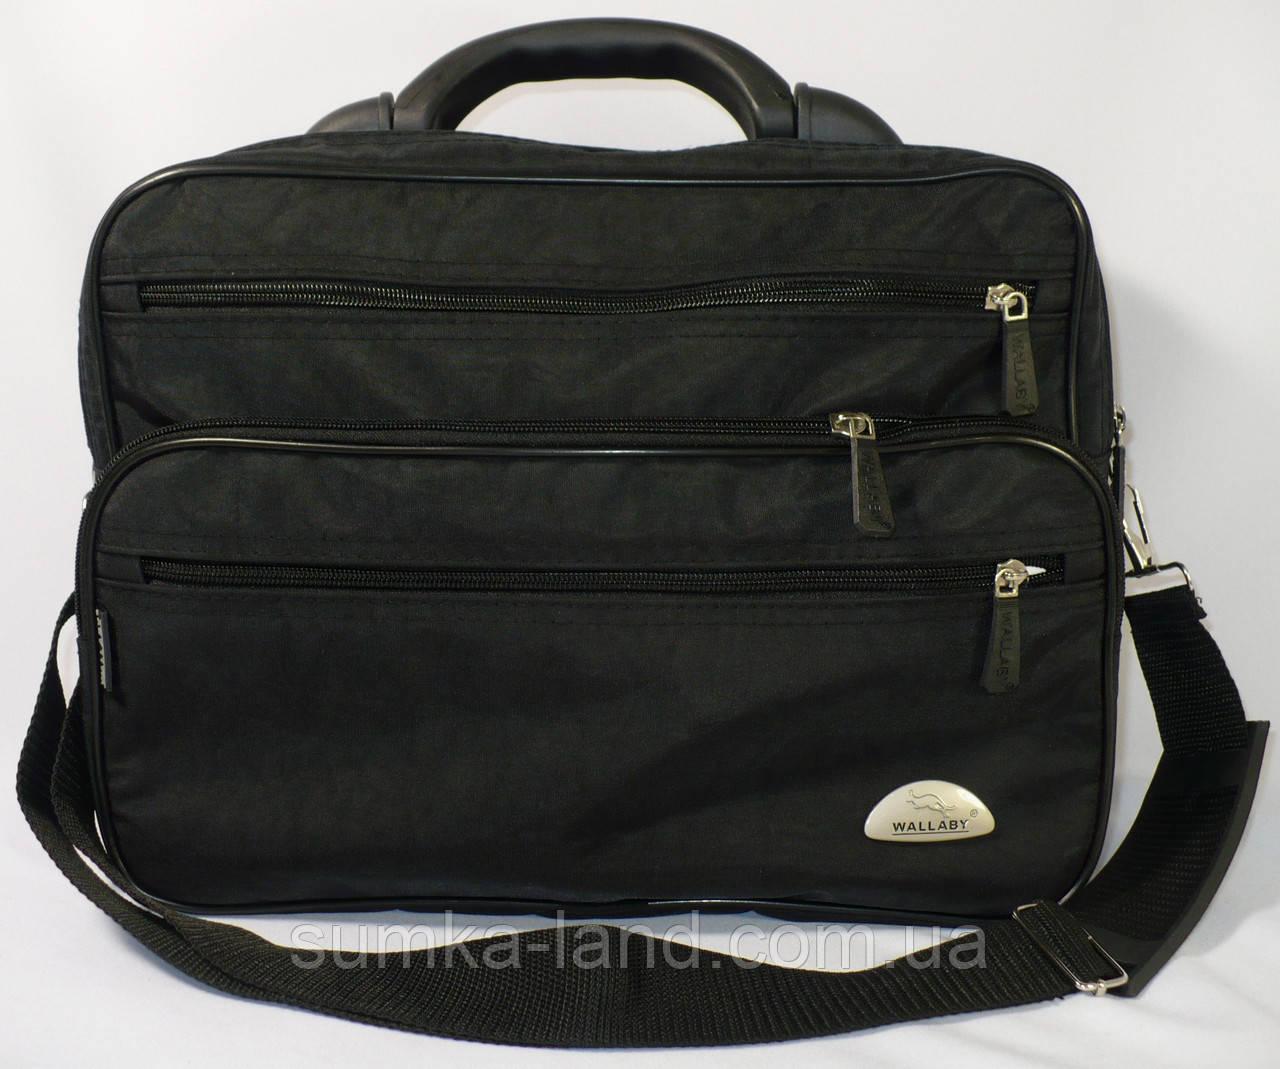 72c8be5b0b64 Мужская каркасная сумка Wallaby с пластиковой ручкой в черном цвете -  SUMKA-LAND в Харькове